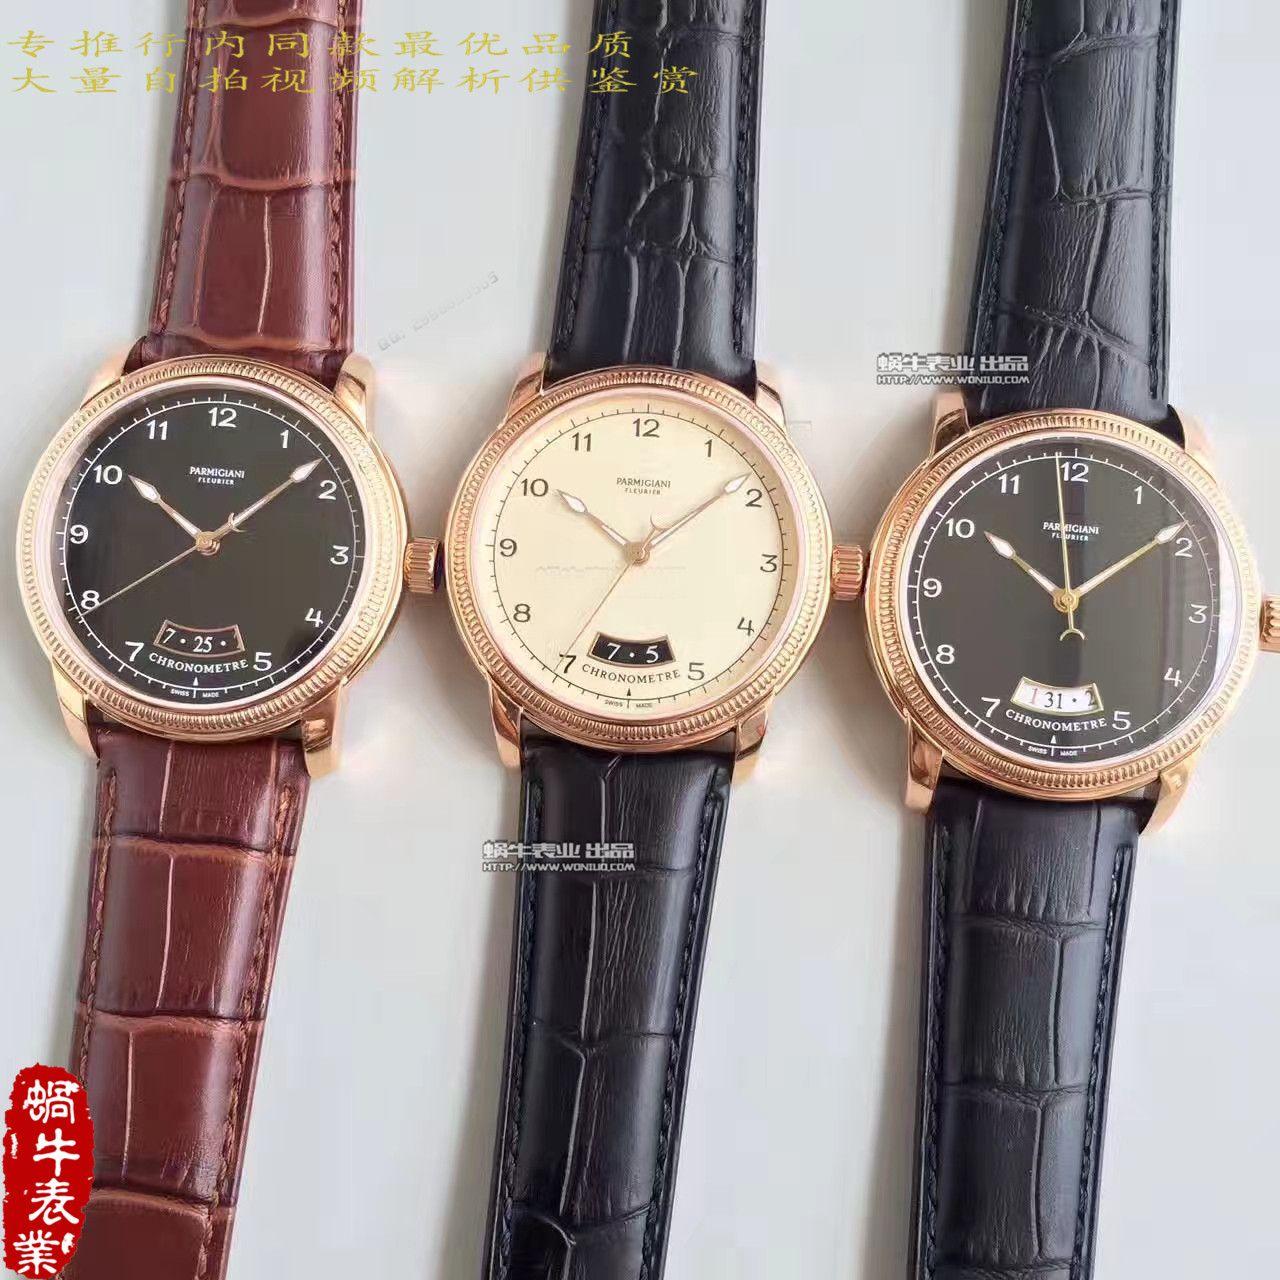 【WF顶级复刻手表】帕玛强尼TORIC系列PFC423-1201400-HA1441腕表 / PM030